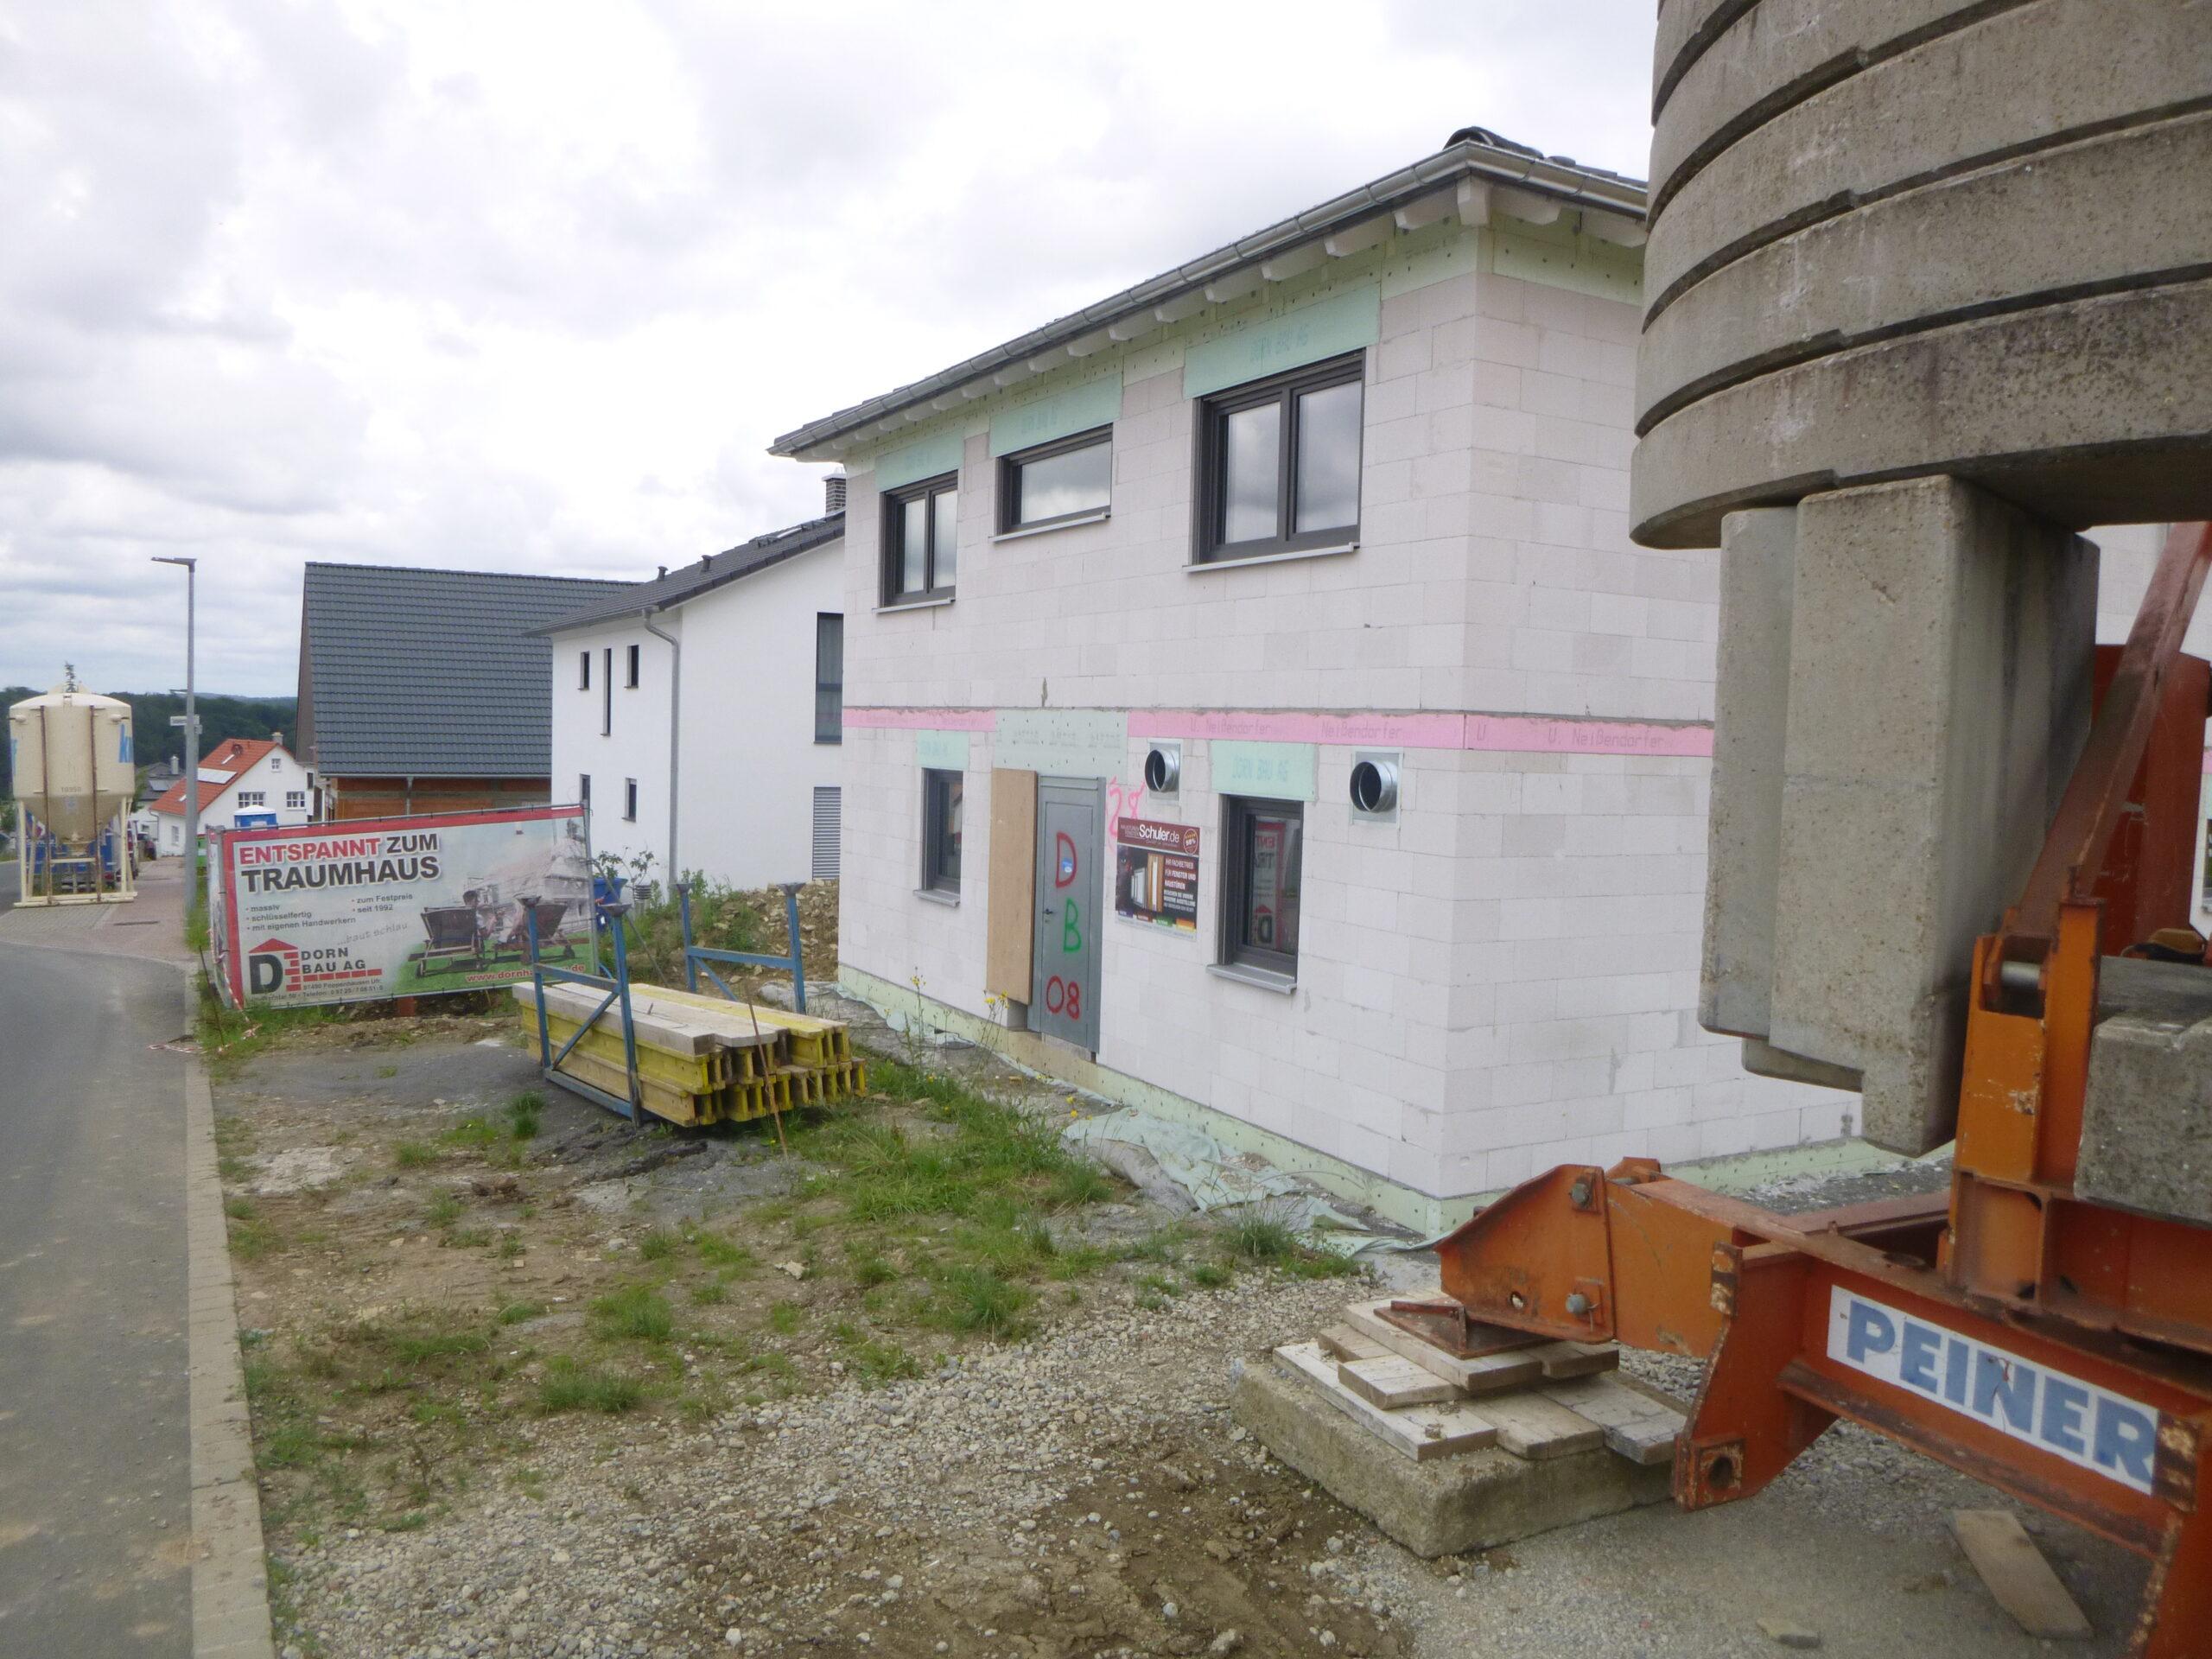 Rohbau - Schoenbornstrasse 28 - Waldbrunn (3)